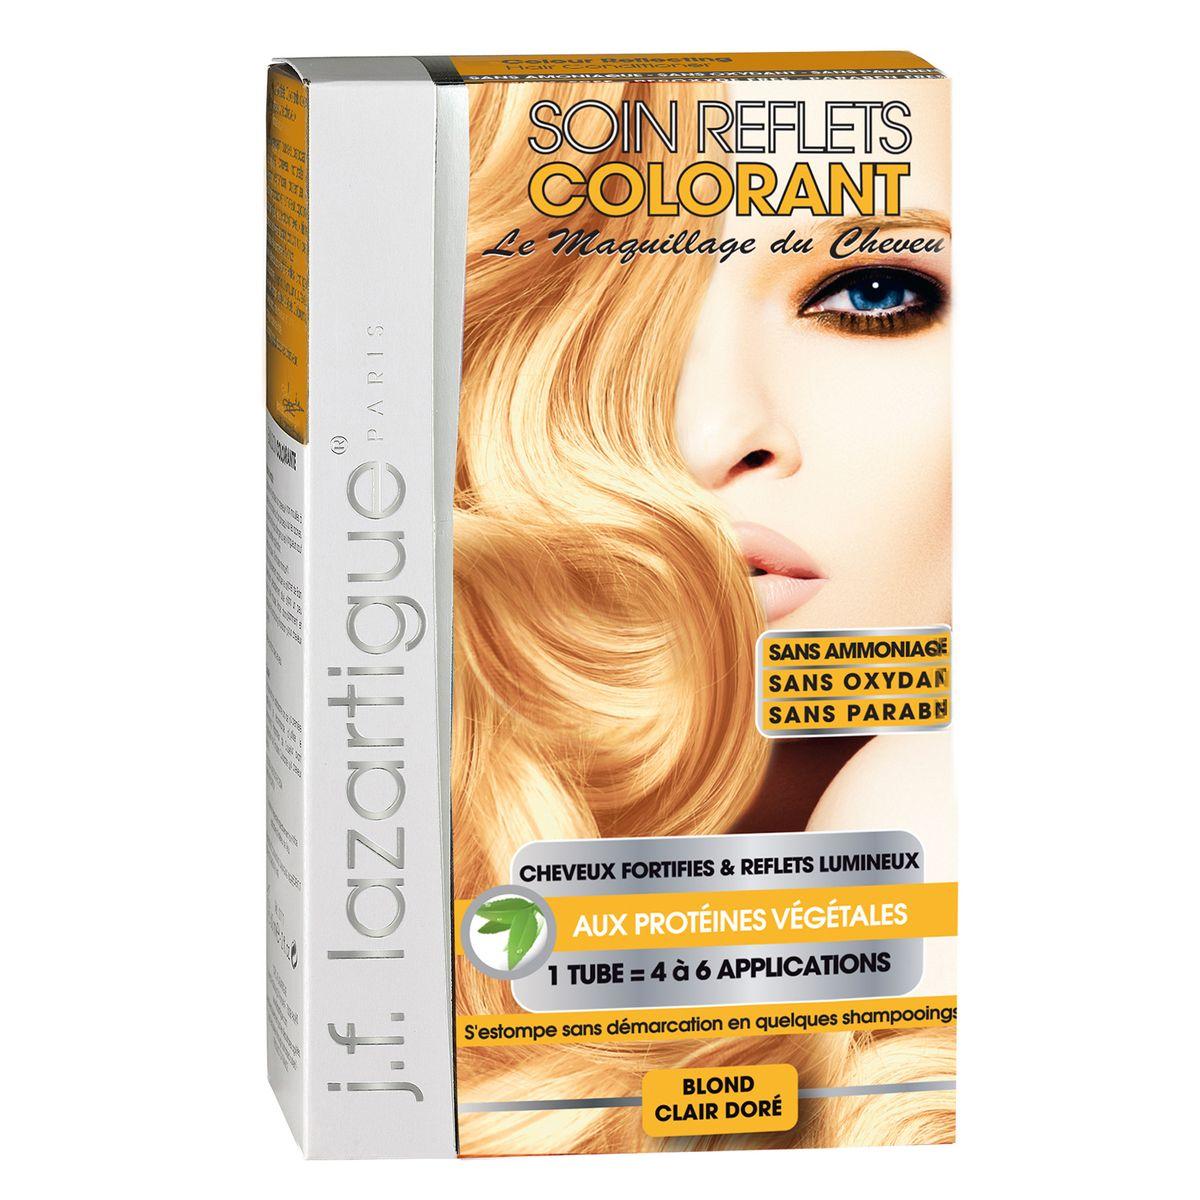 J.F.Lazartigue Оттеночный кондиционер для волос Золотистый светлый блондин 100 млMP59.4DОттеночный кондиционер J.F.LAZARTIGUE – это лечебный макияж для Ваших волос. Два эффекта: кондиционирование волос и легкий оттенок. Особенности: придает новый или более теплый (или холодный) оттенок, делает тон темнее или акцентирует цвет, оживляет естественный цвет или придает яркость тусклым и выцветшим на солнце волосам. Закрашивает небольшой процент седины! После мытья волос шампунем (3-6 раз) смывается. Для достижения индивидуального оттенка можно смешать два разных кондиционера: добавить к выбранному ТЕМНЫЙ РЫЖИЙ (Auburn), МЕДНЫЙ (Copper) и т.п. Не осветляет волосы. Не содержит аммиака и перекиси водорода. Не содержит парабенов. Не предназначен для окрашивания бровей и ресниц.